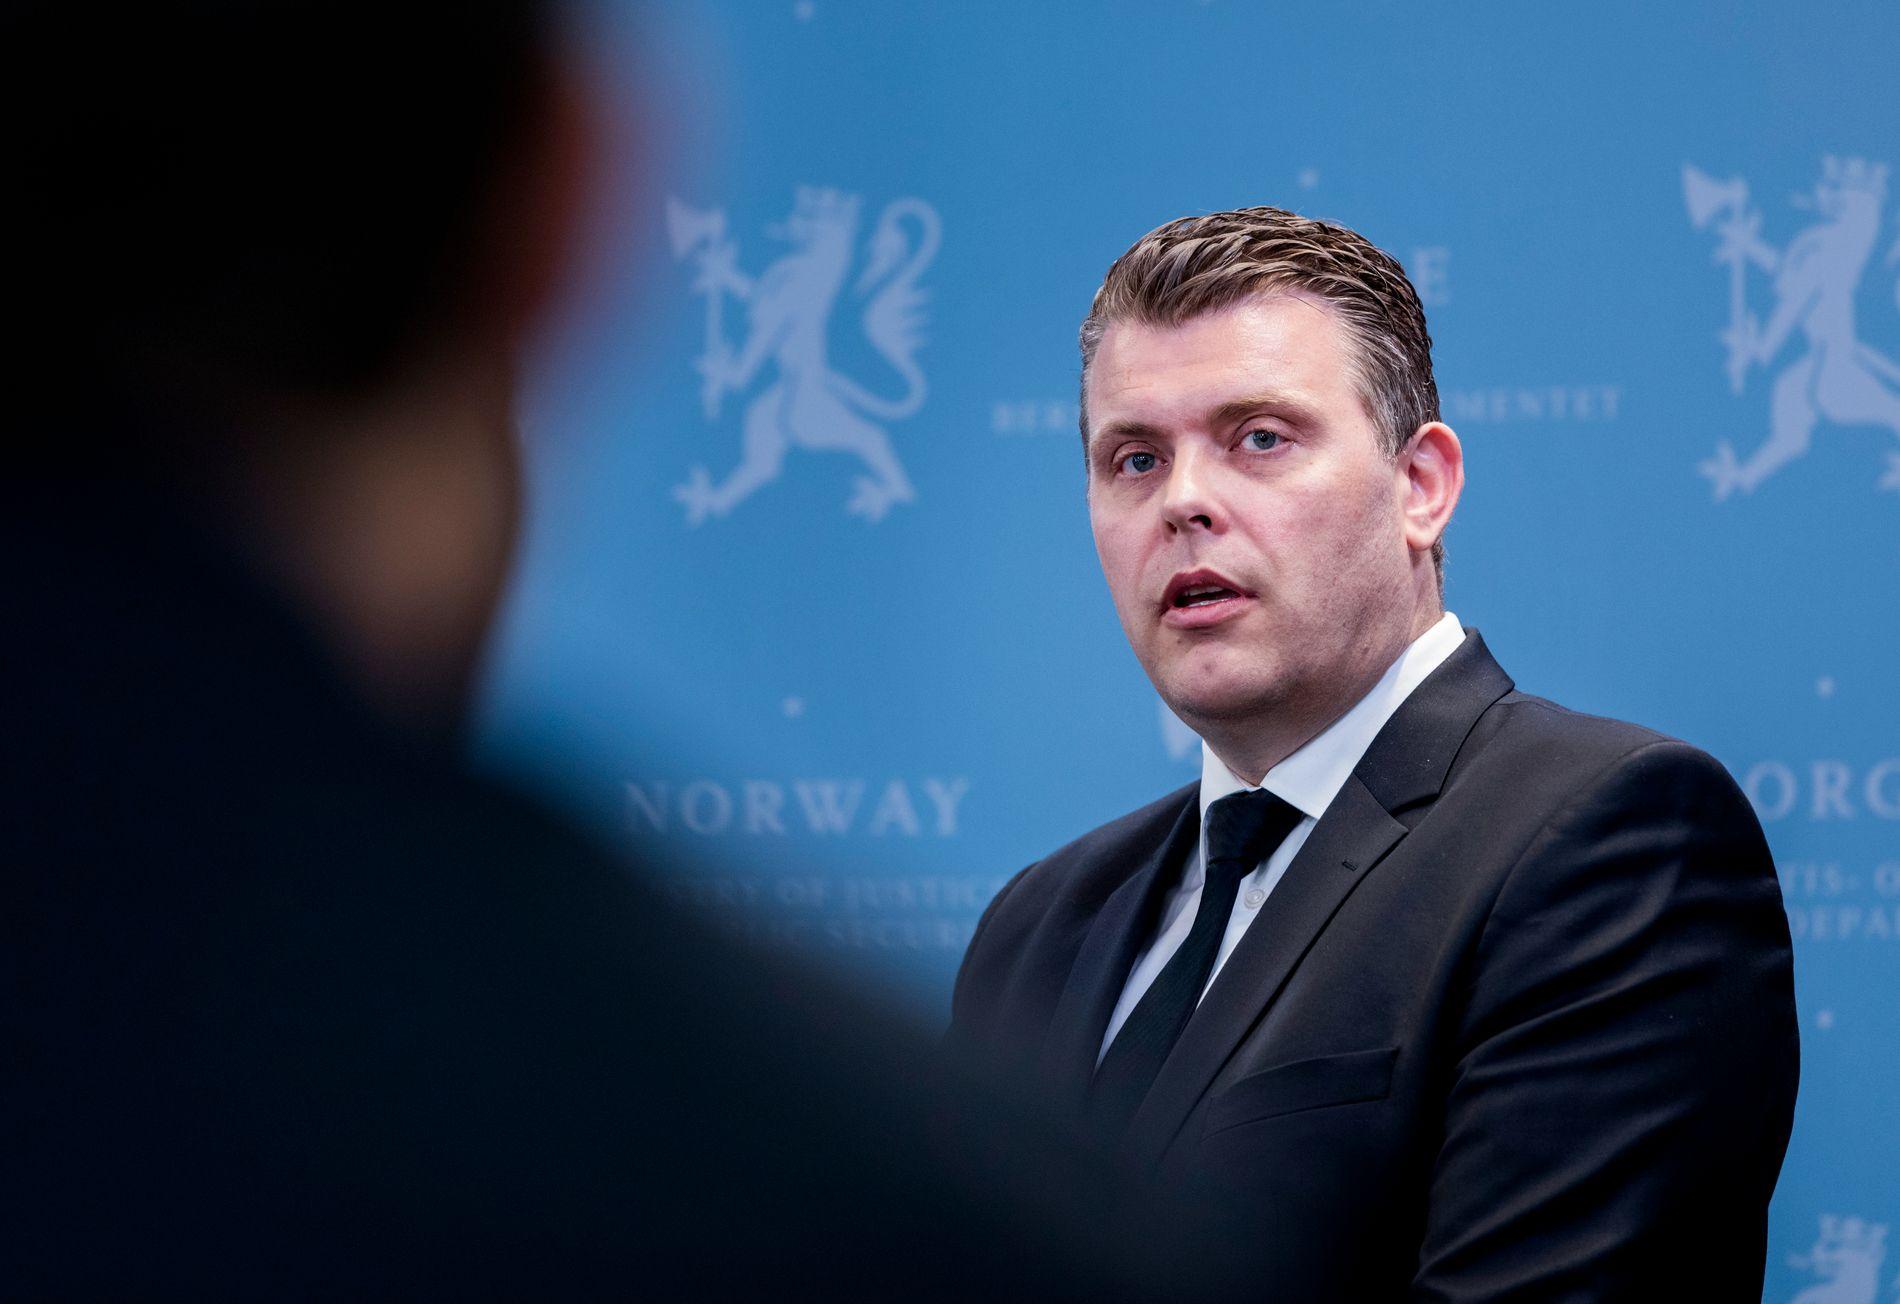 Justisminister Jøran Kallmyr (Frp) foreslår lovendring om bruk av spyttemaske for fengselsbetjenter. Bakgrunnen er at mange innsatte spytter på betjentene. Foto: Gorm Kallestad / NTB scanpix